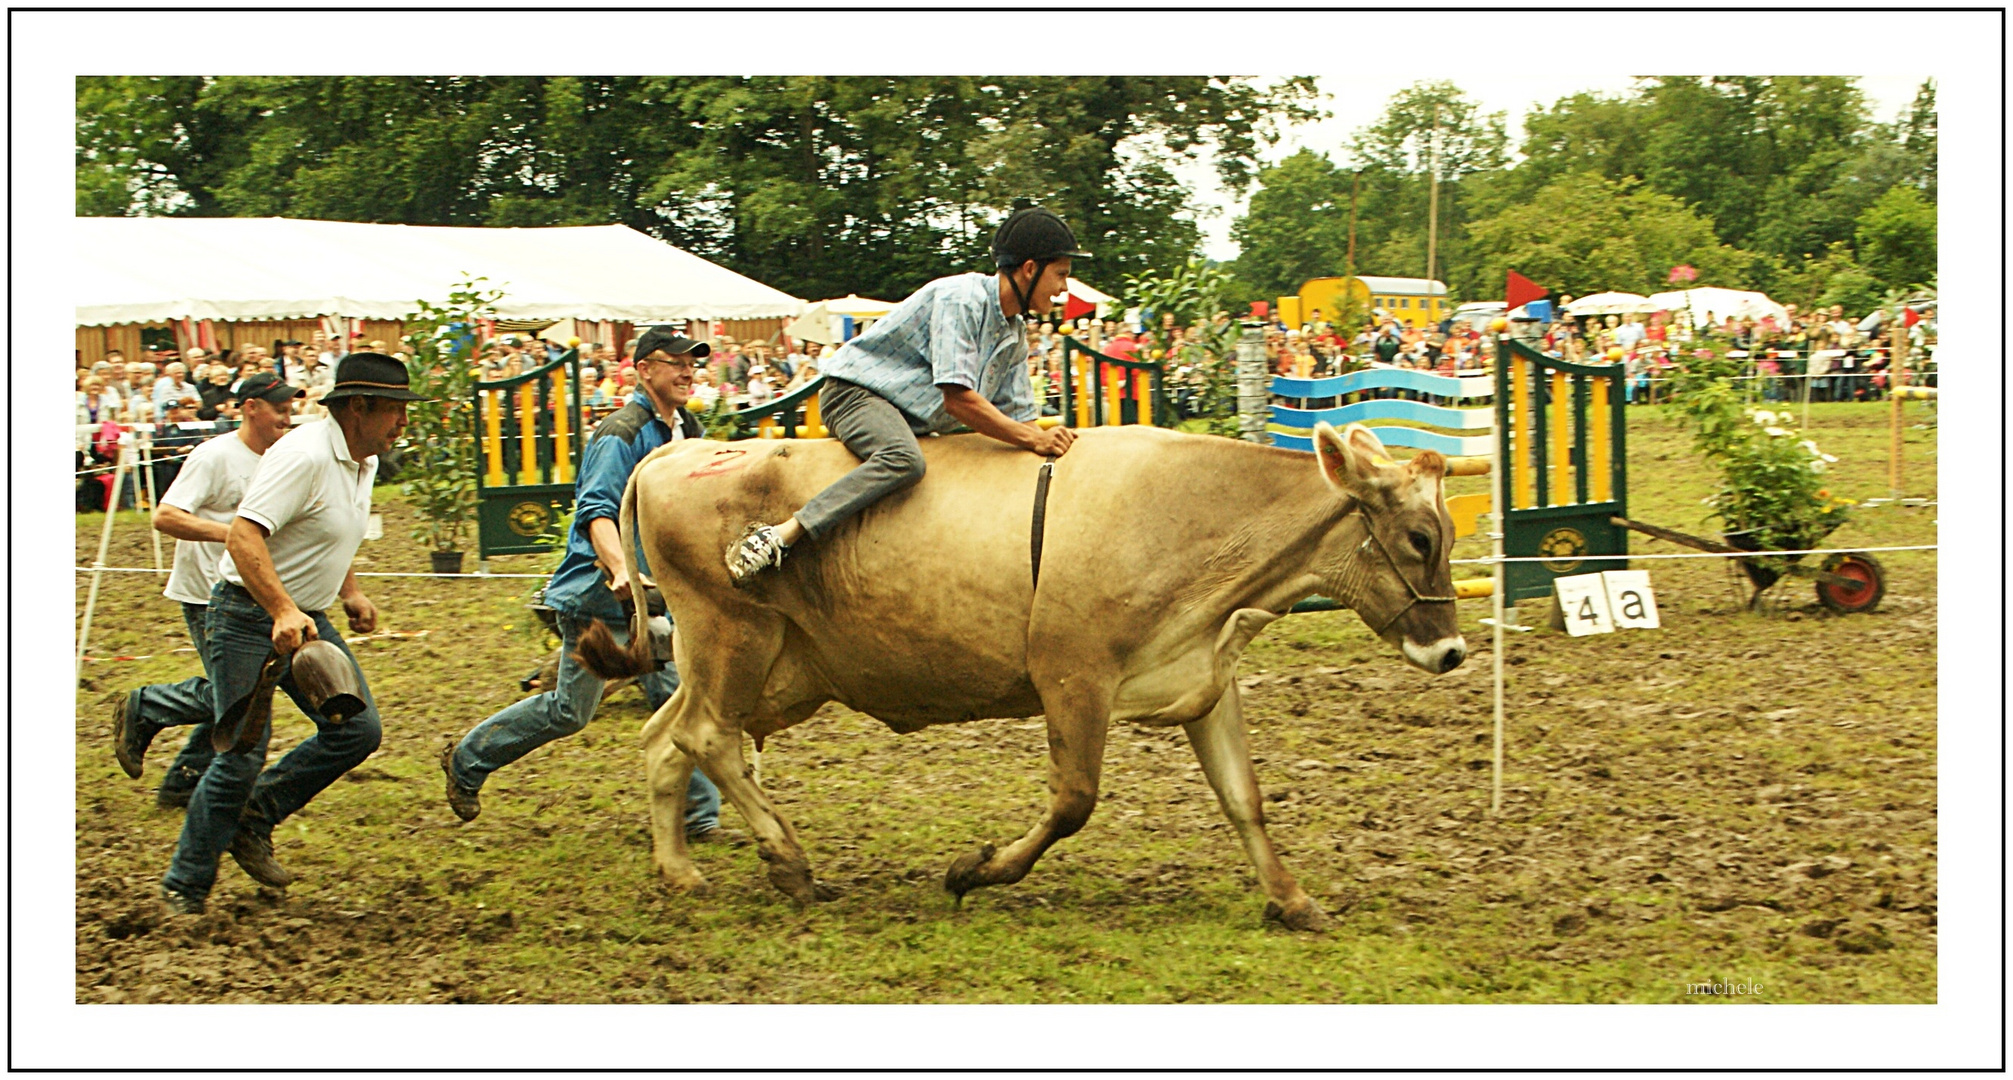 Die Kuh, der Reiter und die Treiber